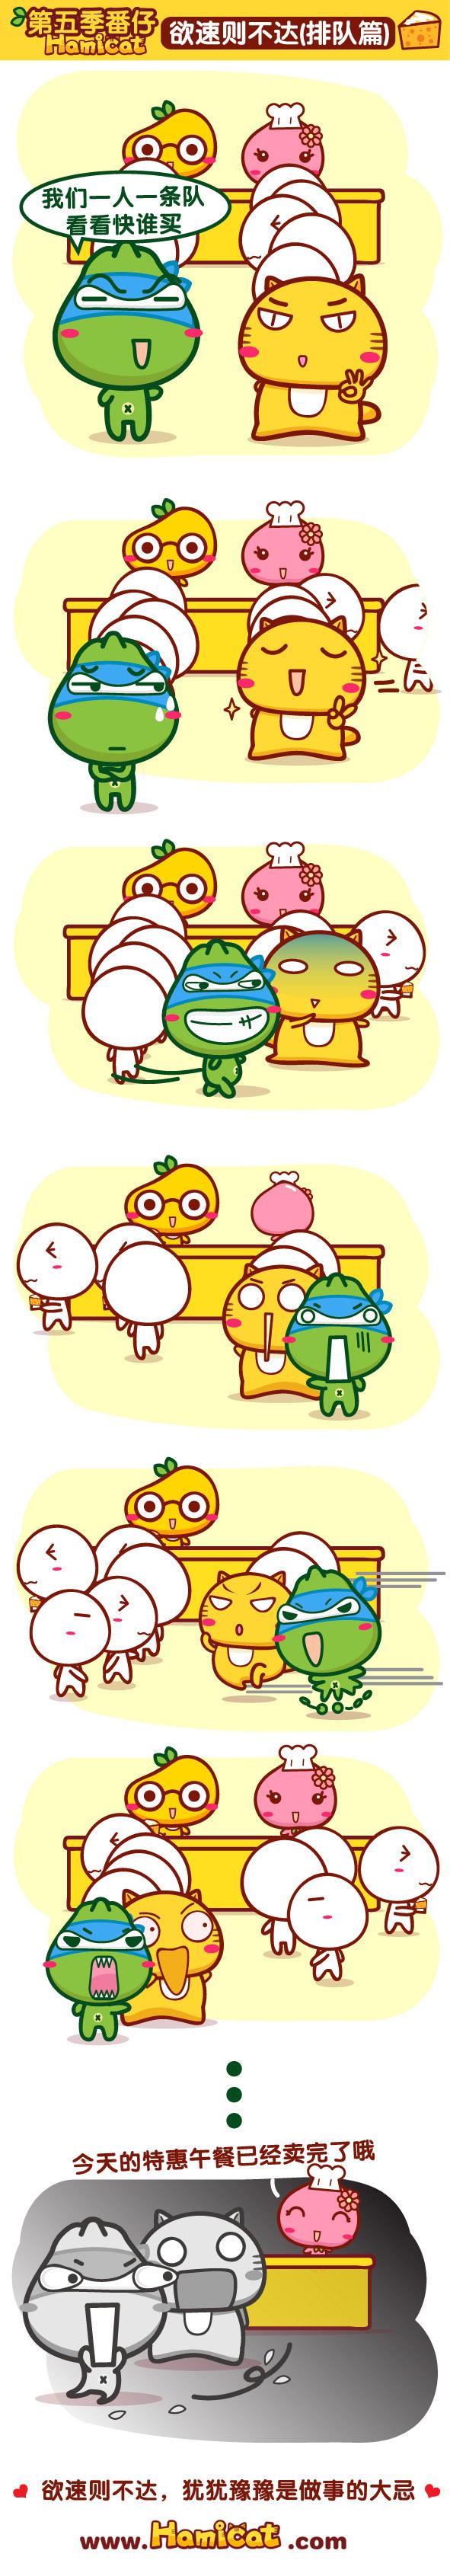 健力宝x哈咪猫漫画2月-02.jpg